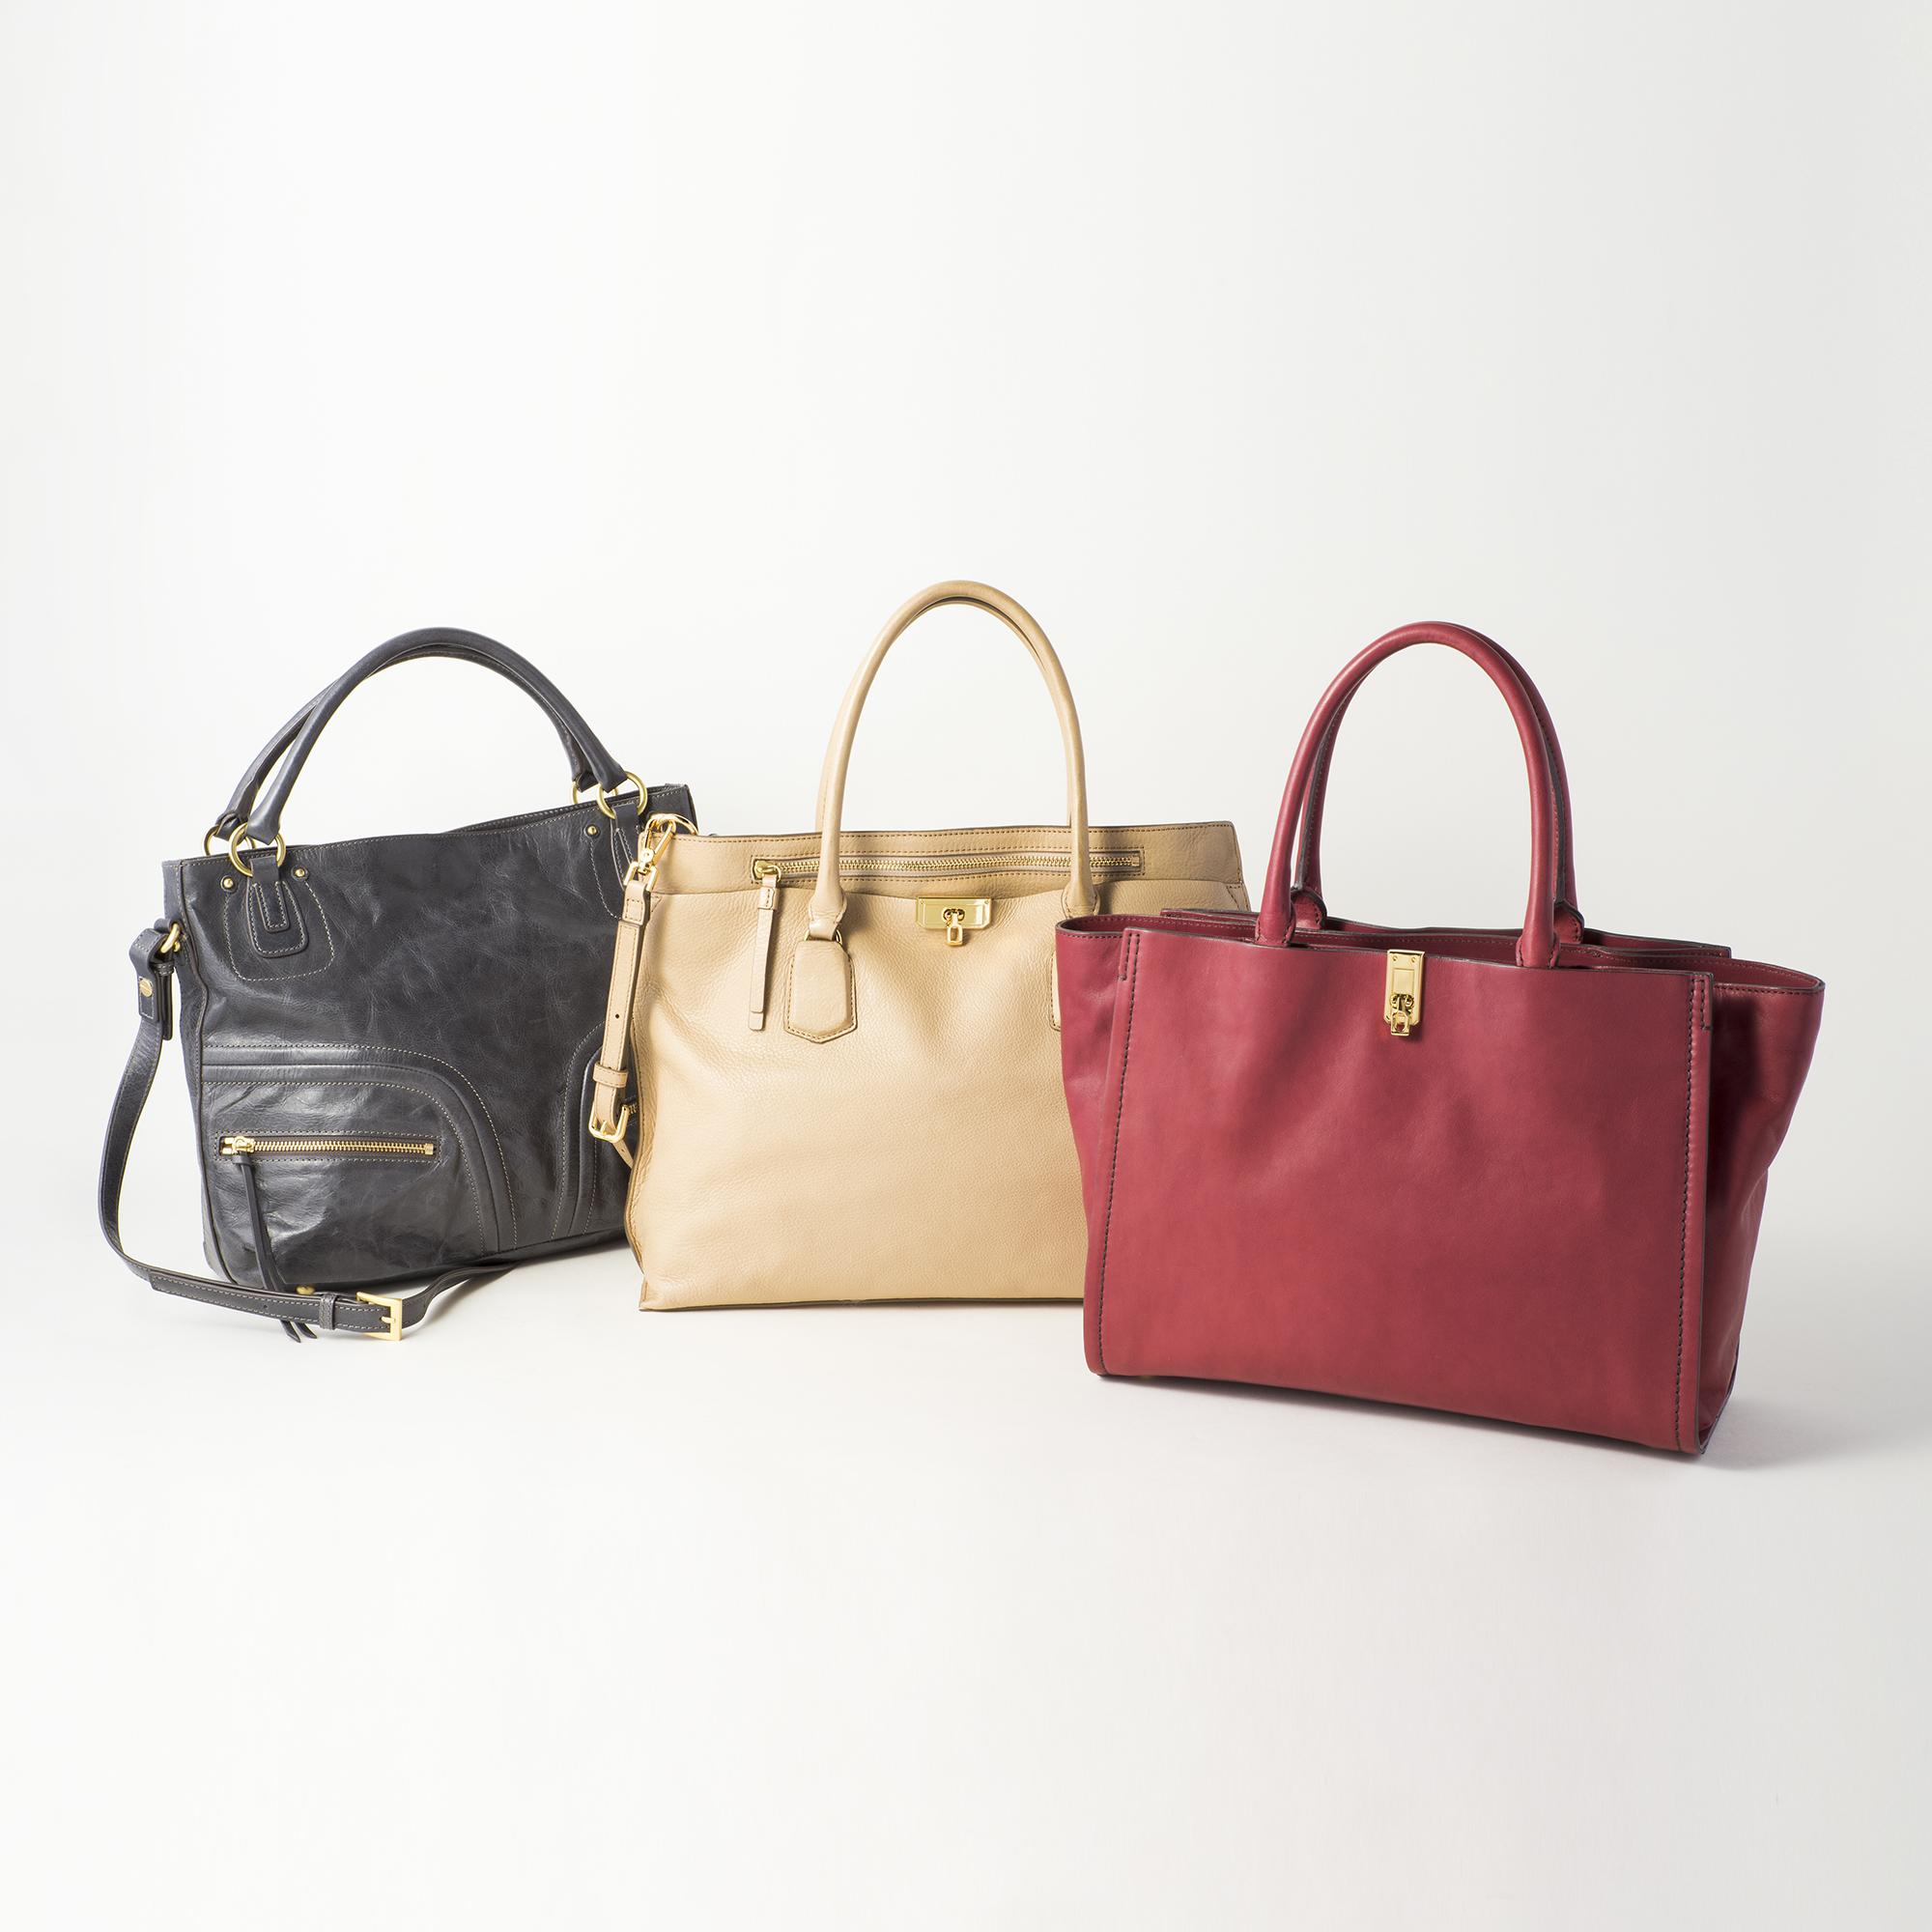 【応募終了】通勤に使いやすいSAZABYのバッグを3名様に!「大人の名品」プレゼント_1_1